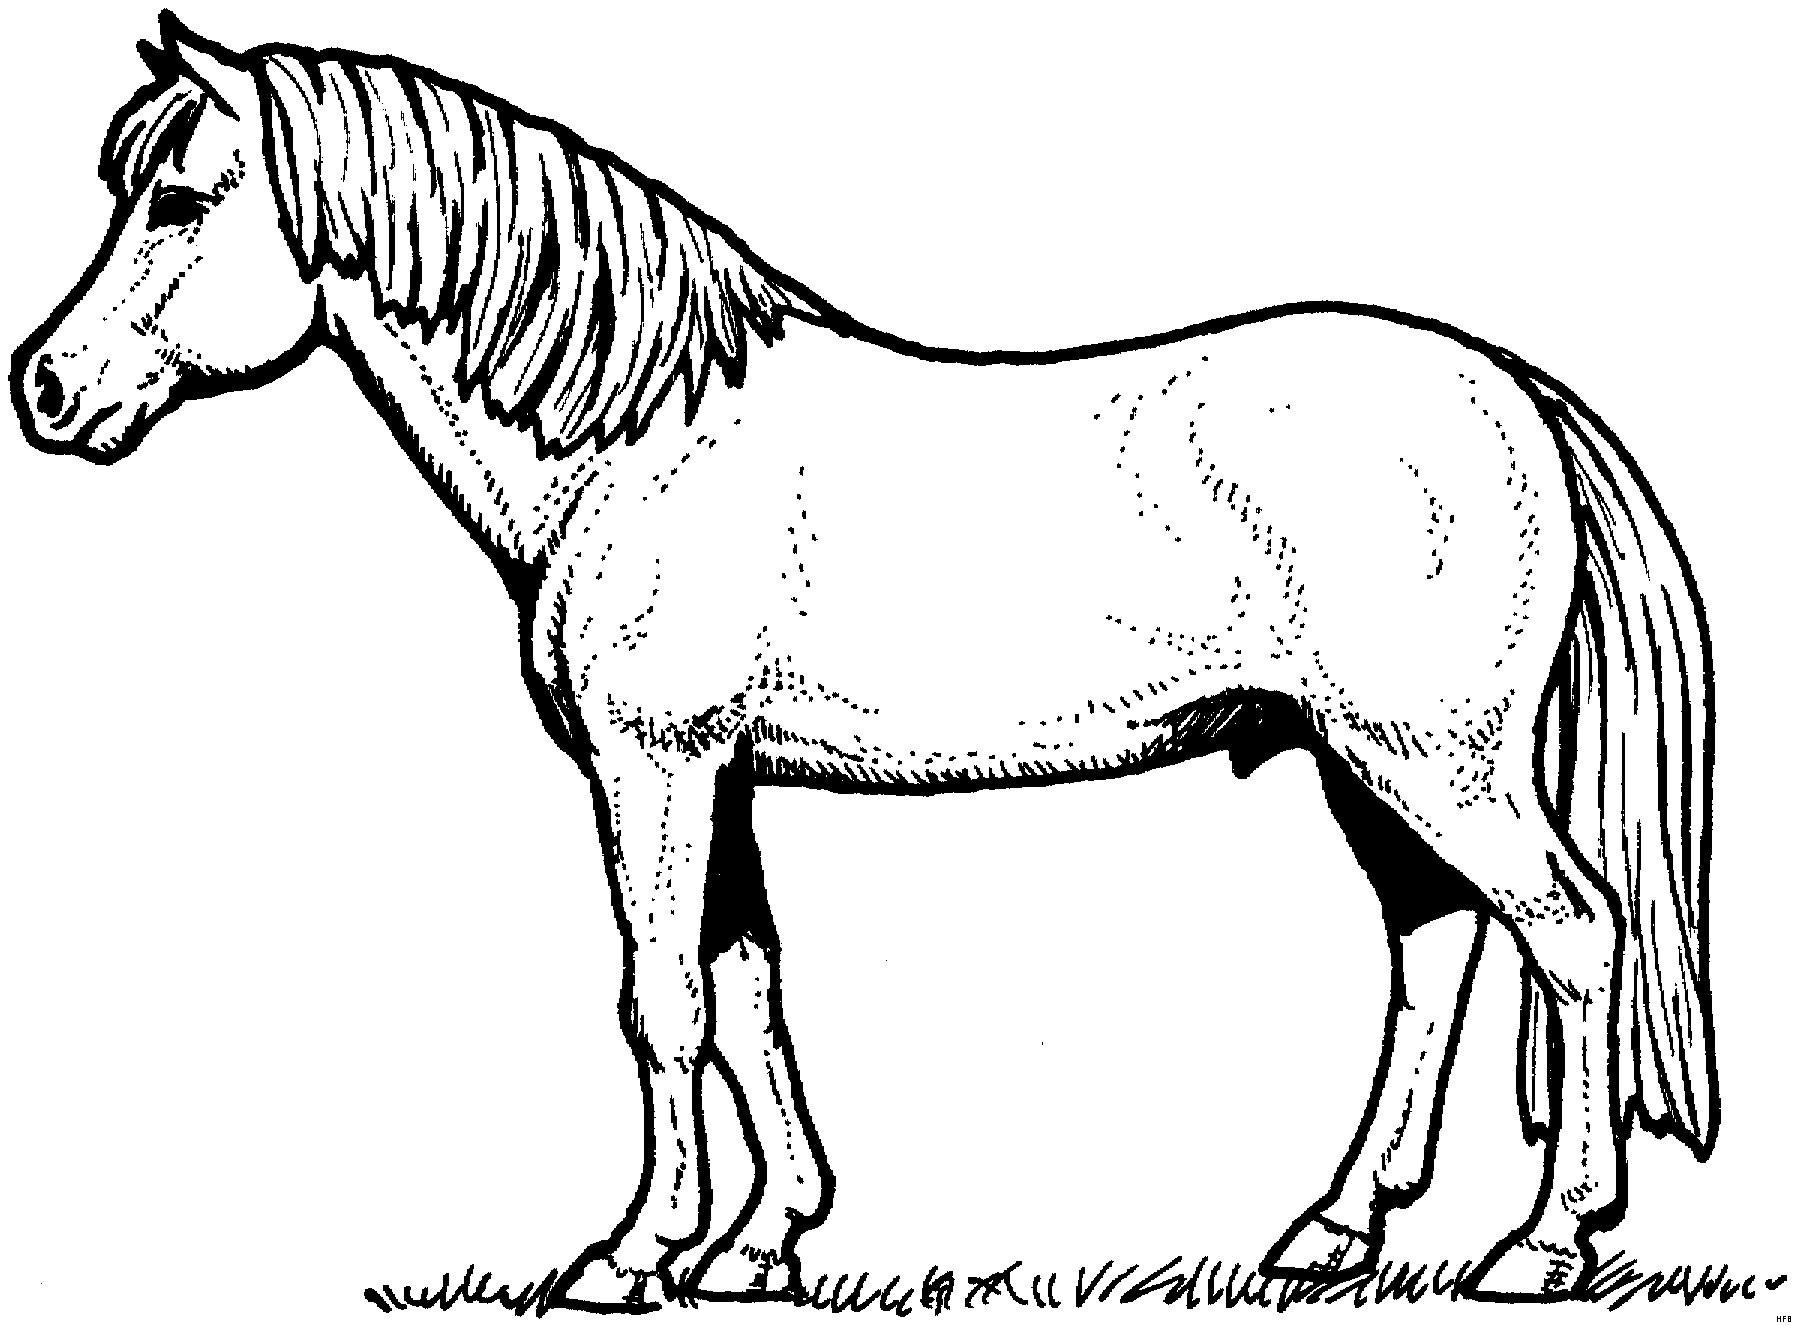 Ausmalbilder Schule Zum Ausdrucken Inspirierend 45 Best Ausmalbilder Pferde Gratis Zum Drucken Bild